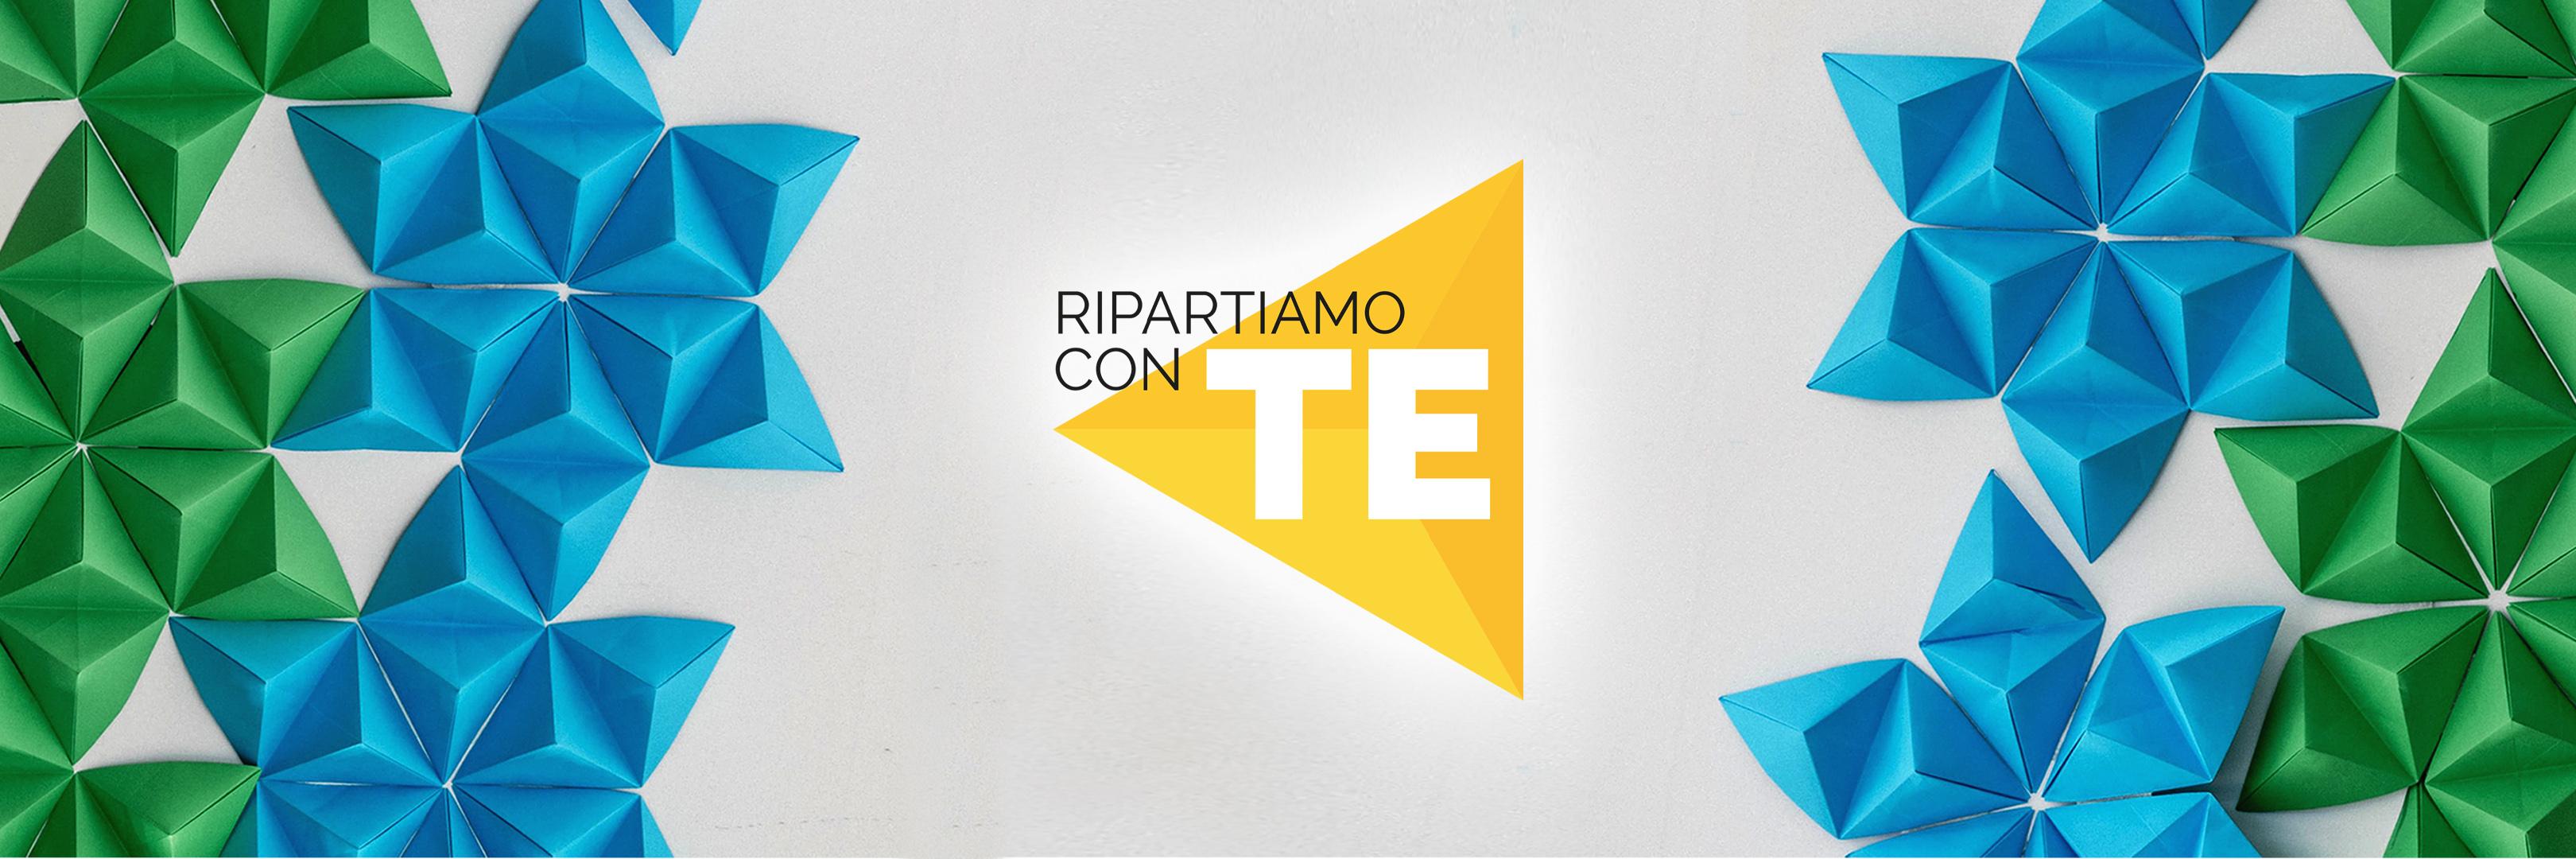 RIPARTIAMO-CON-TE_ig_1-2-3